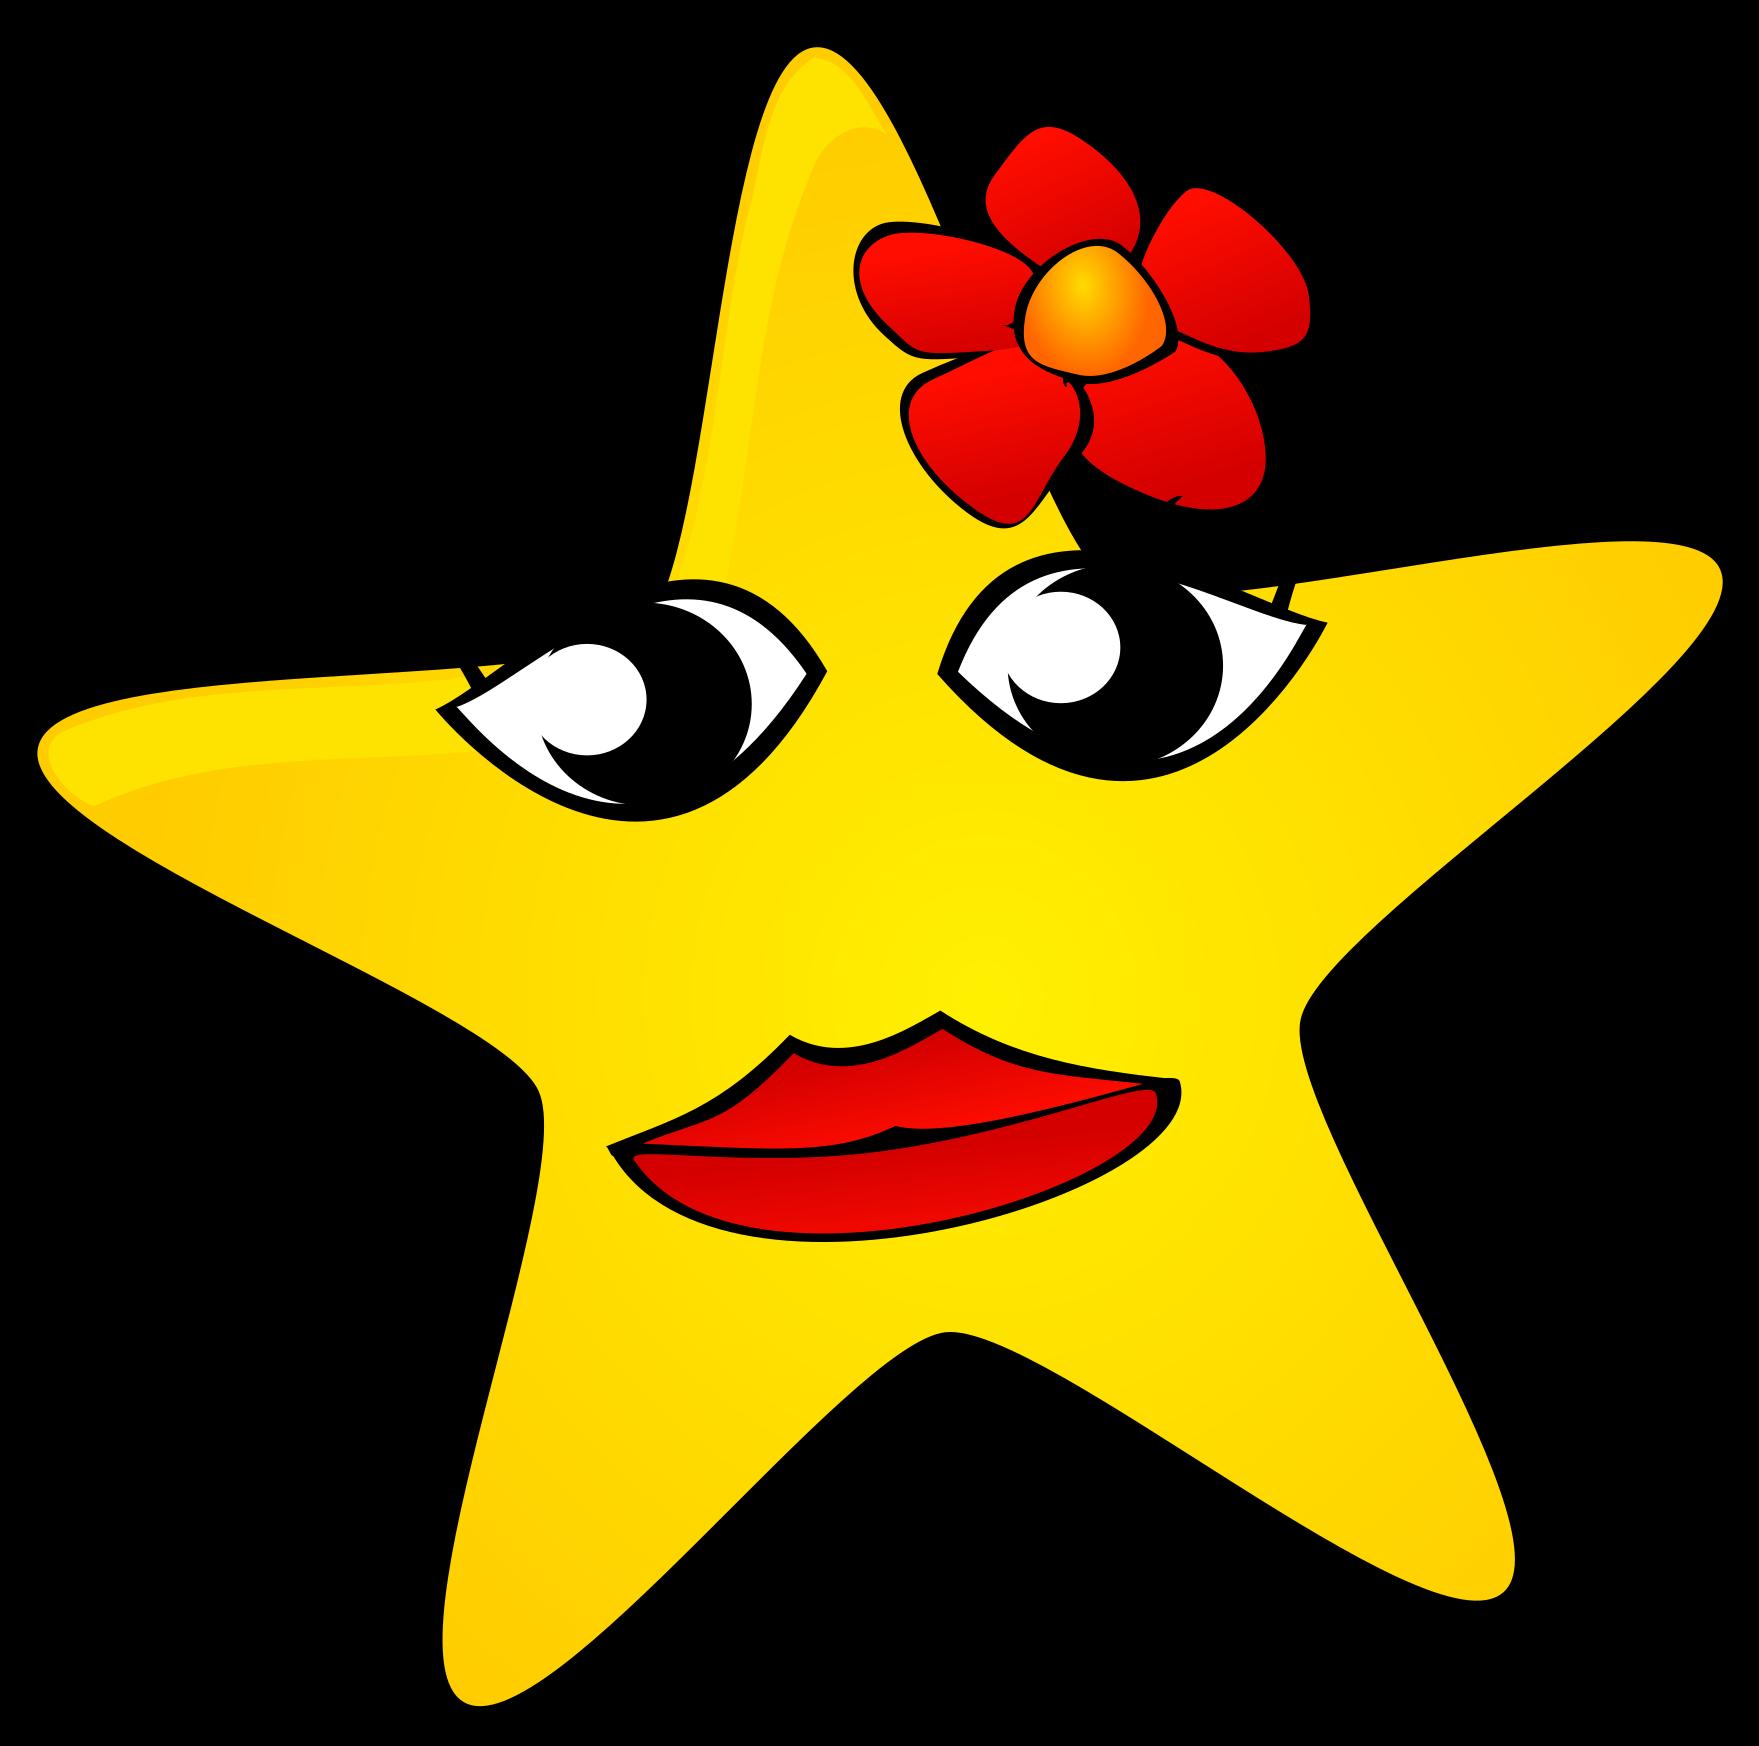 прикольные картинки про звезду своей маме начал